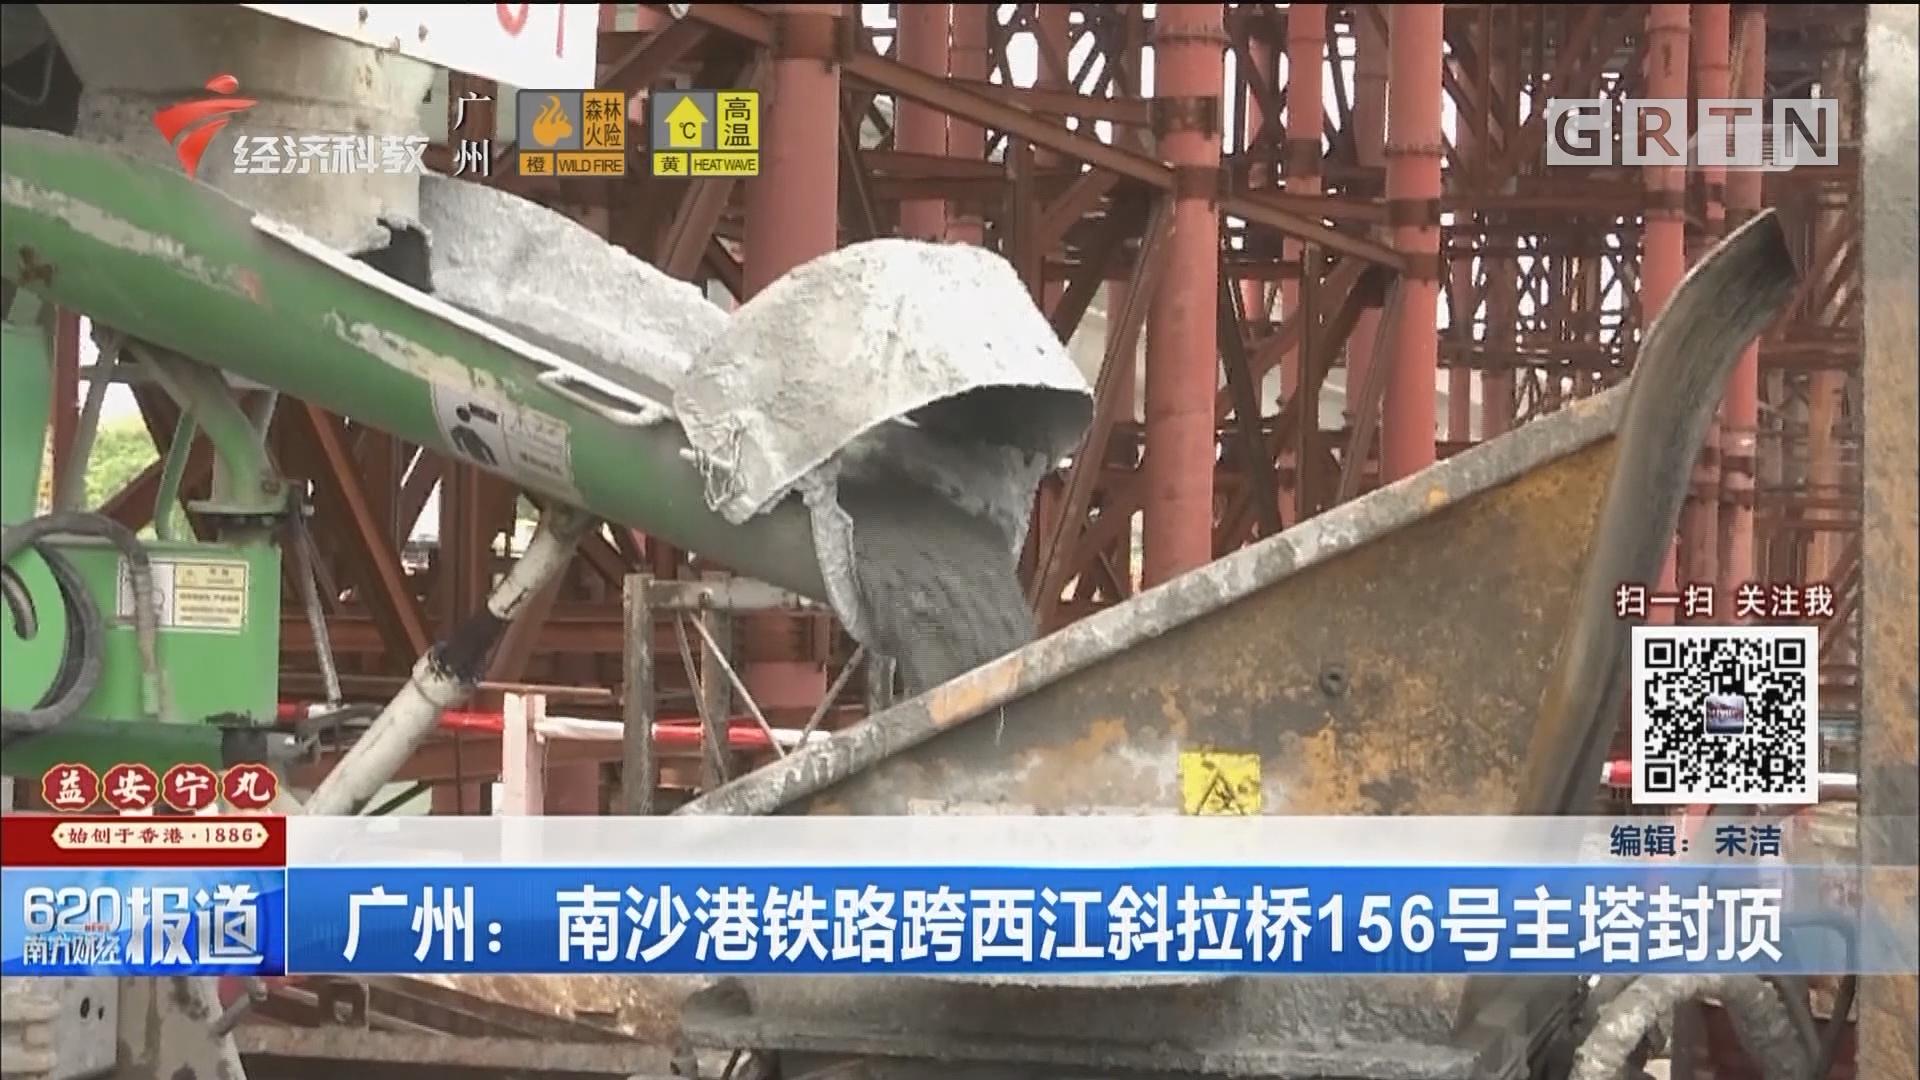 廣州:南沙港鐵路跨西江斜拉橋156號主塔封頂